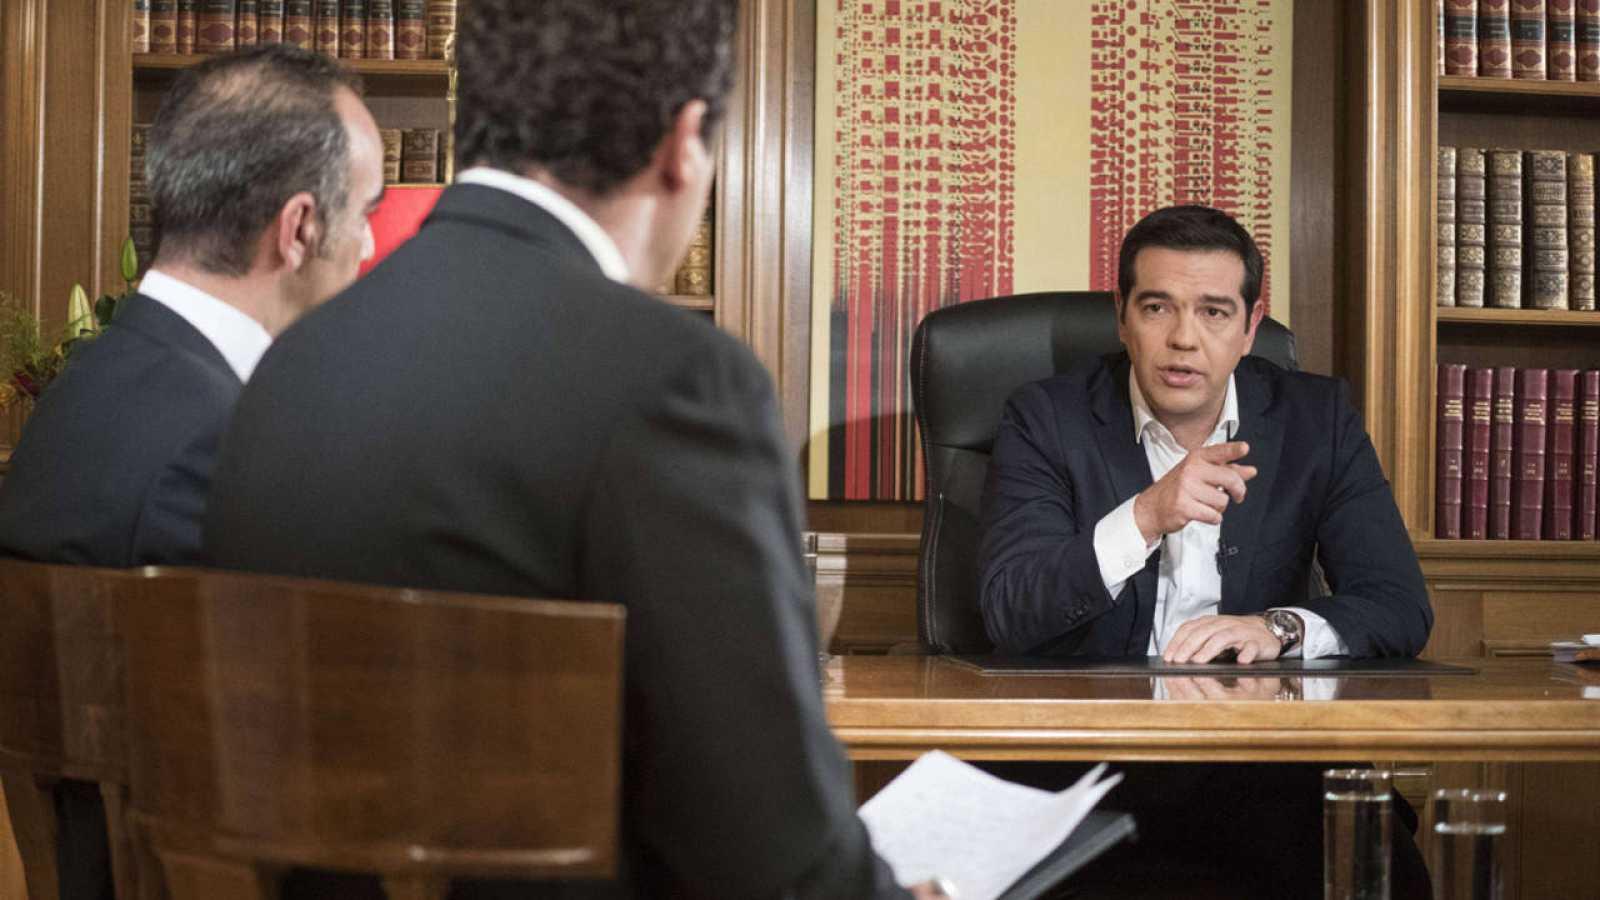 Fotografía cedida por la Oficina del primer ministro de Grecia que muestra un momento de la entrevista ofrecida por Alexis Tsipras a la televisión pública ERT.